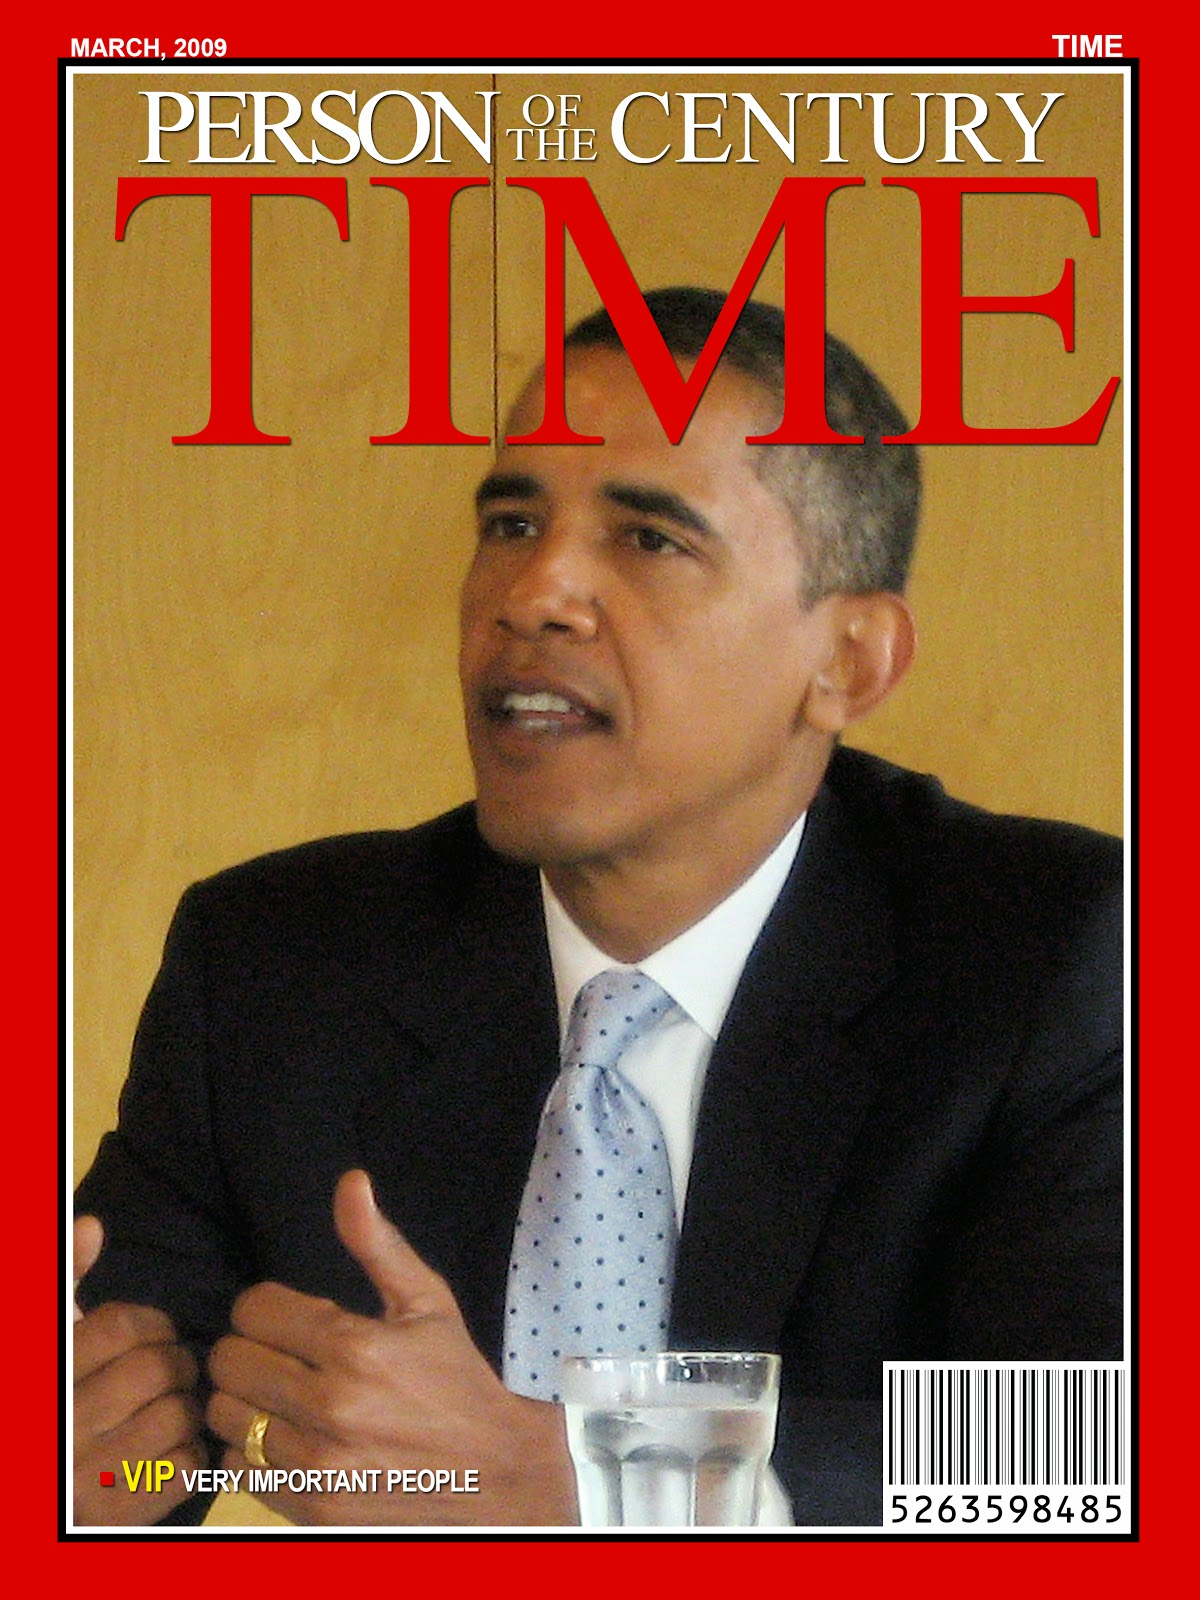 labiblioteque: Plantilla de photoshop de la revista TIME